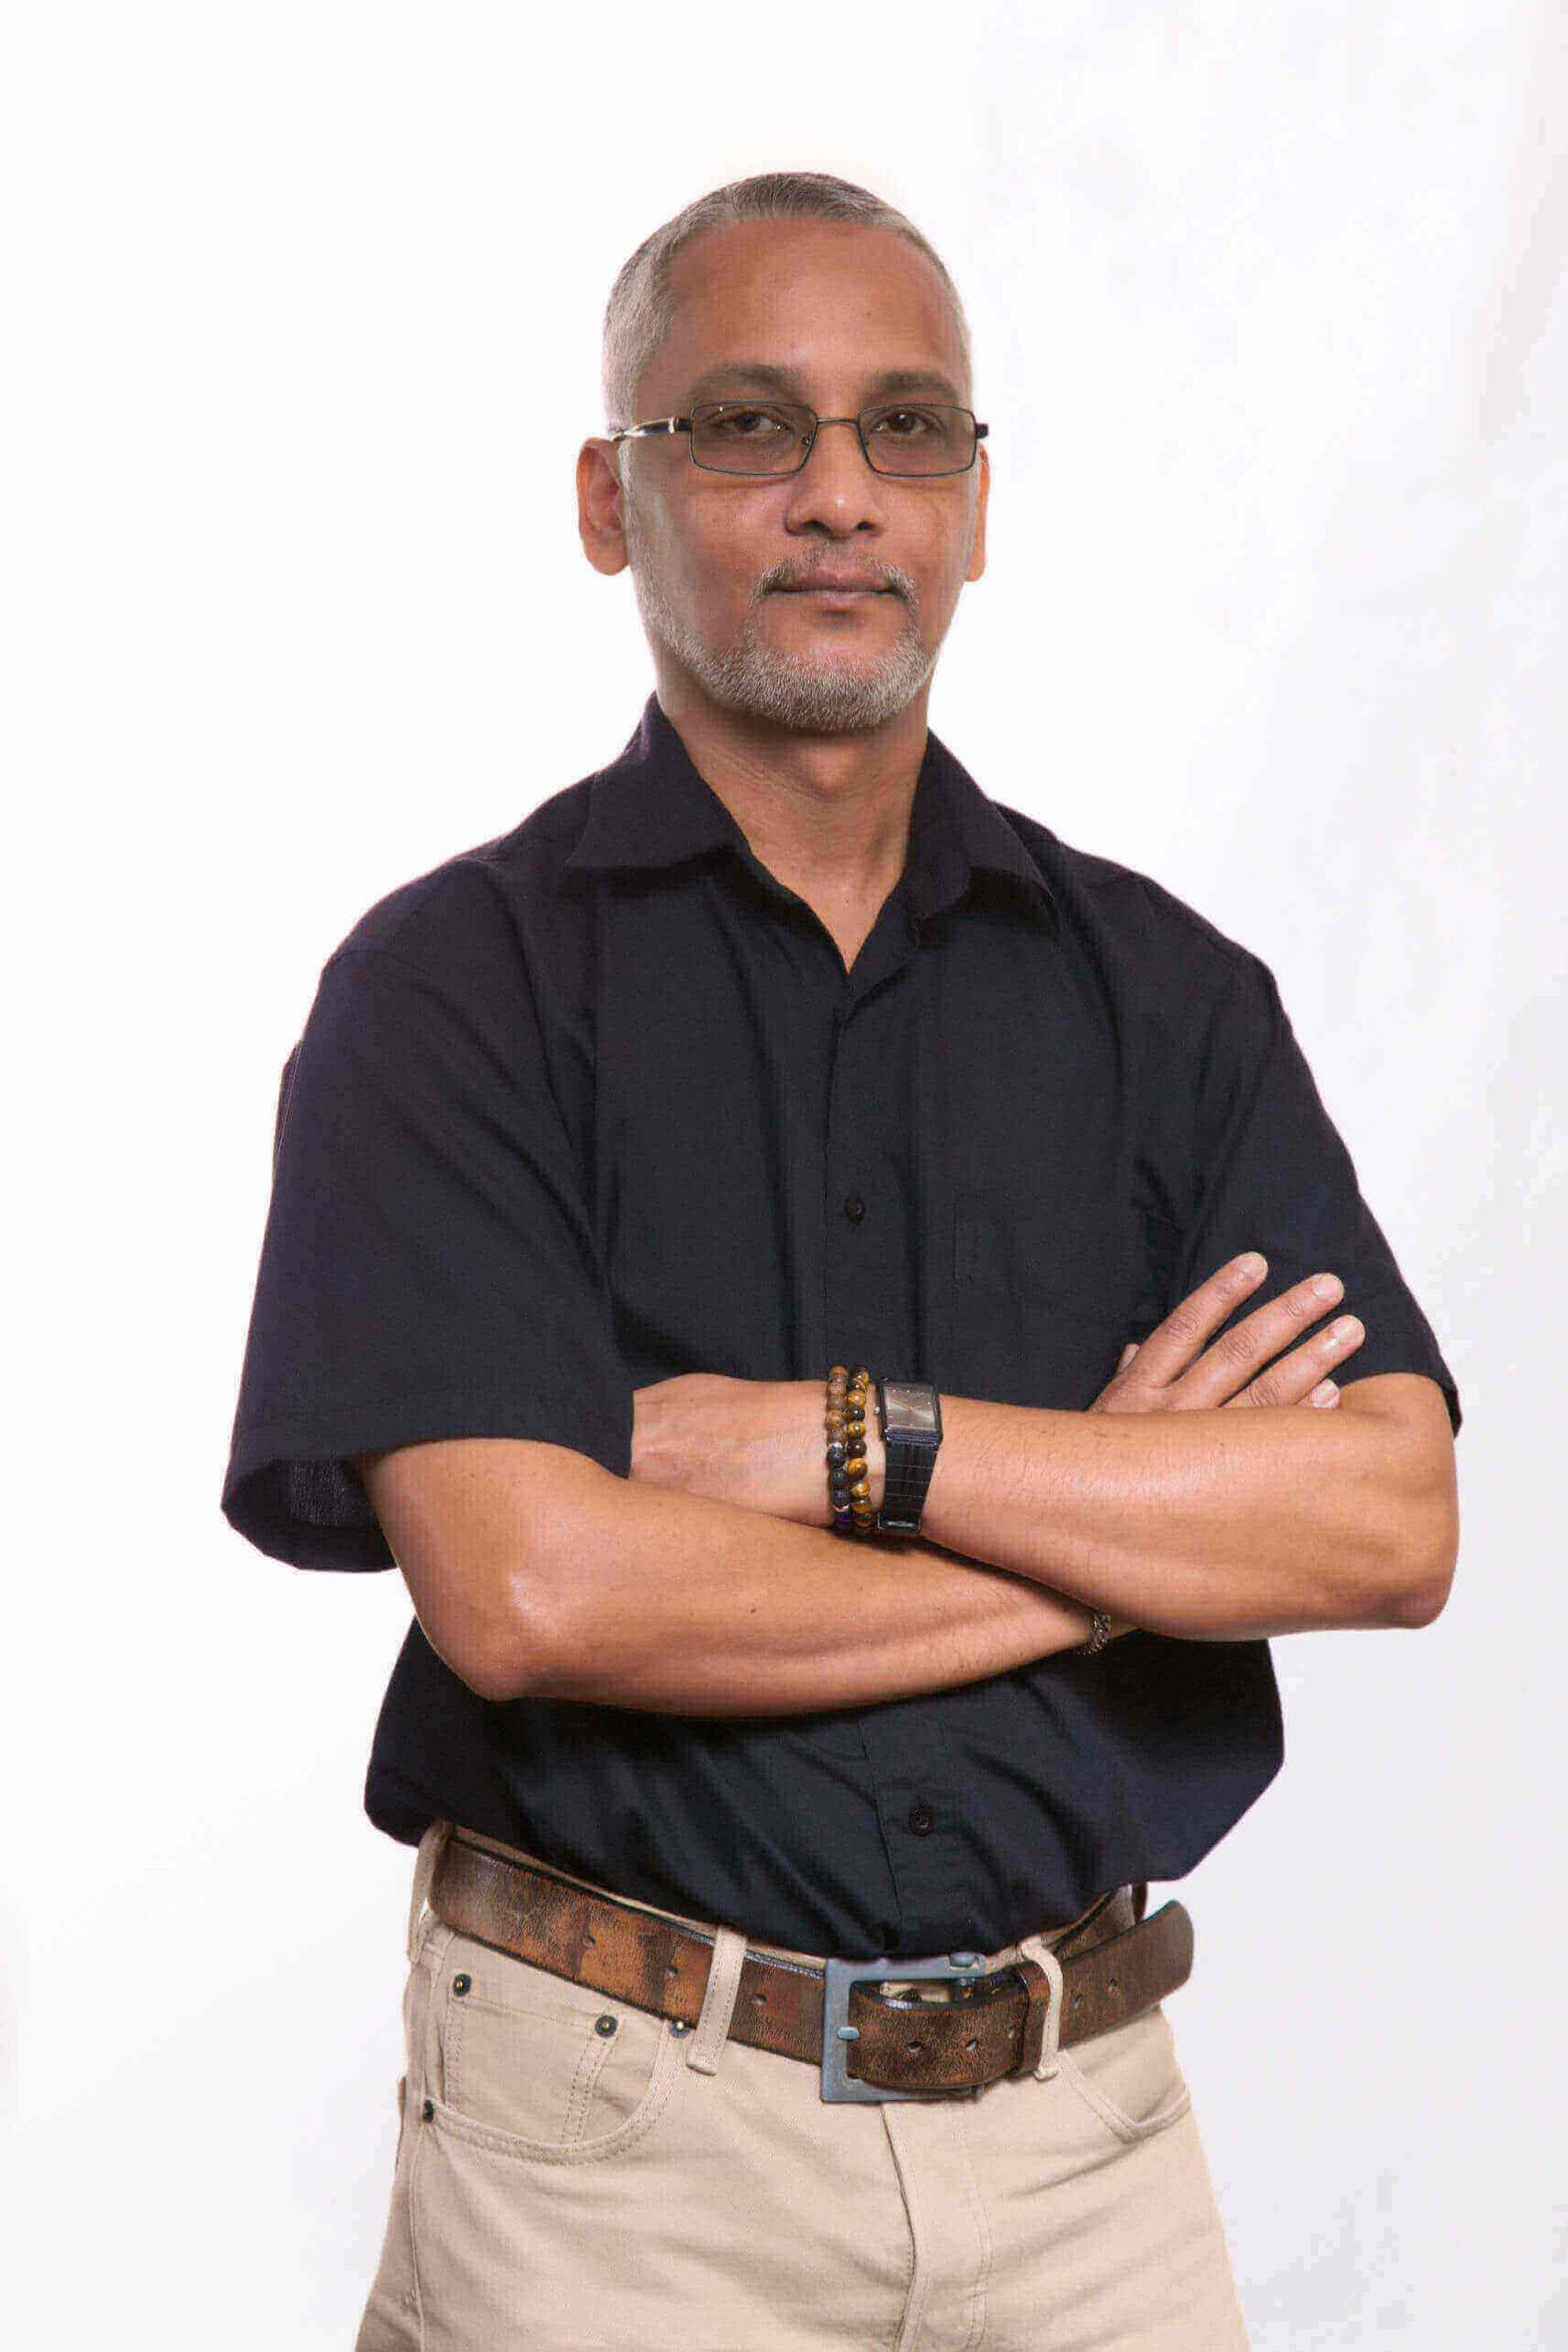 Brian Soekhoe